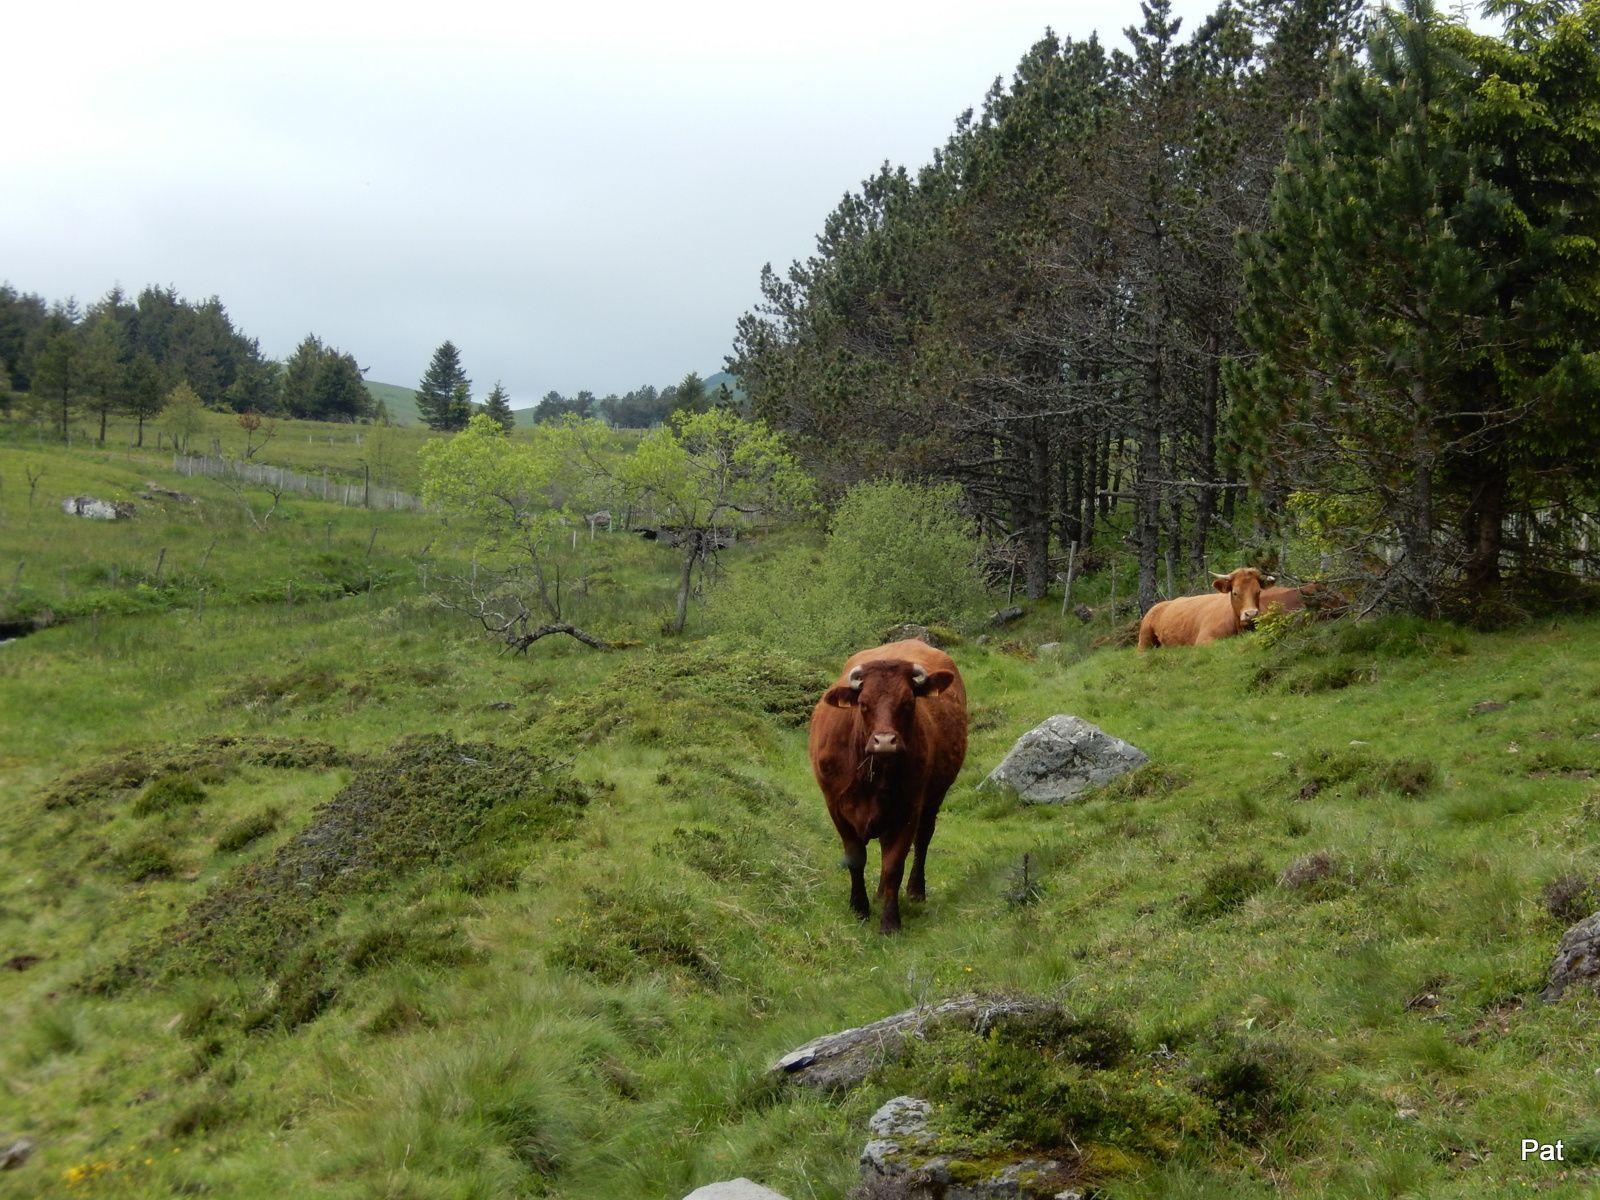 Madame la vache n'a pas l'air contente qu'on passe sur ses terres, mieux vaut l'ignorer et se dépêcher.